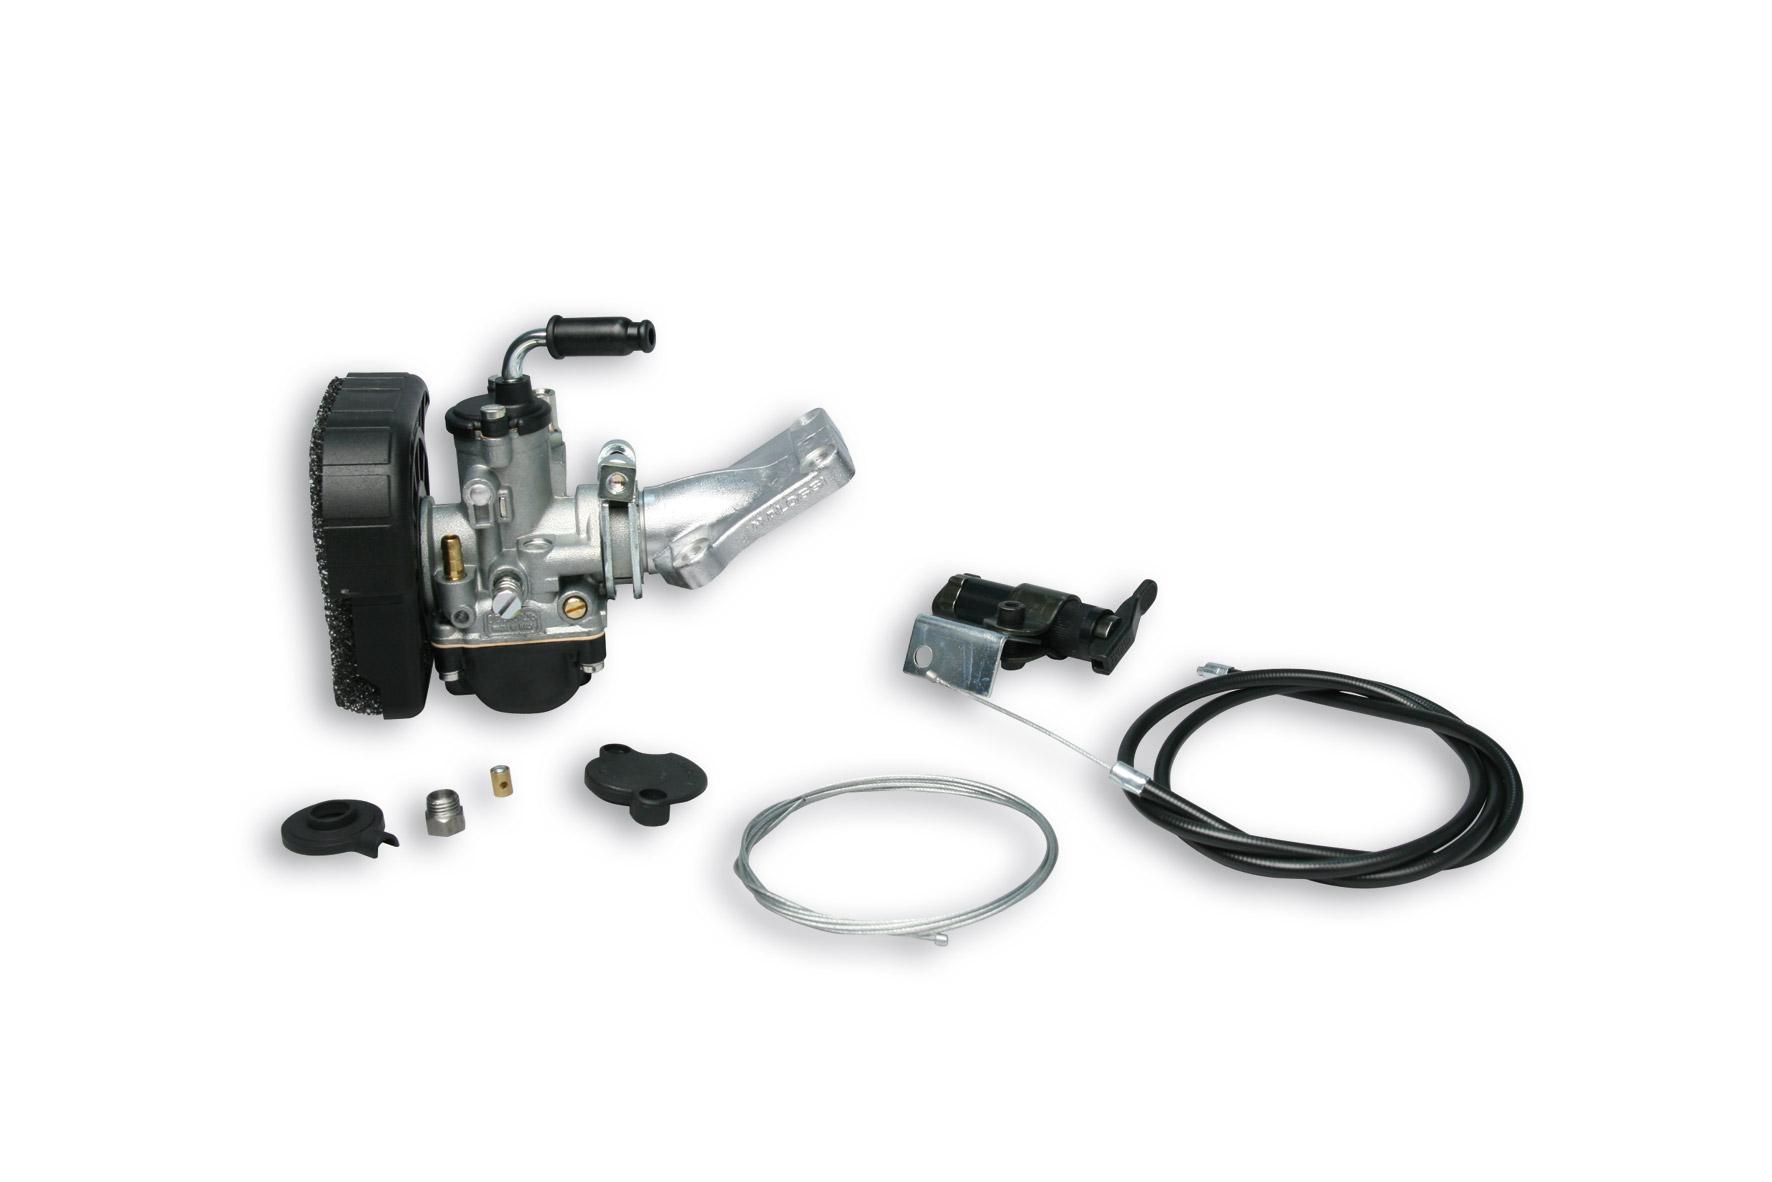 Impianto alimentazione PHBG 21 A per Honda Camino 50 cc